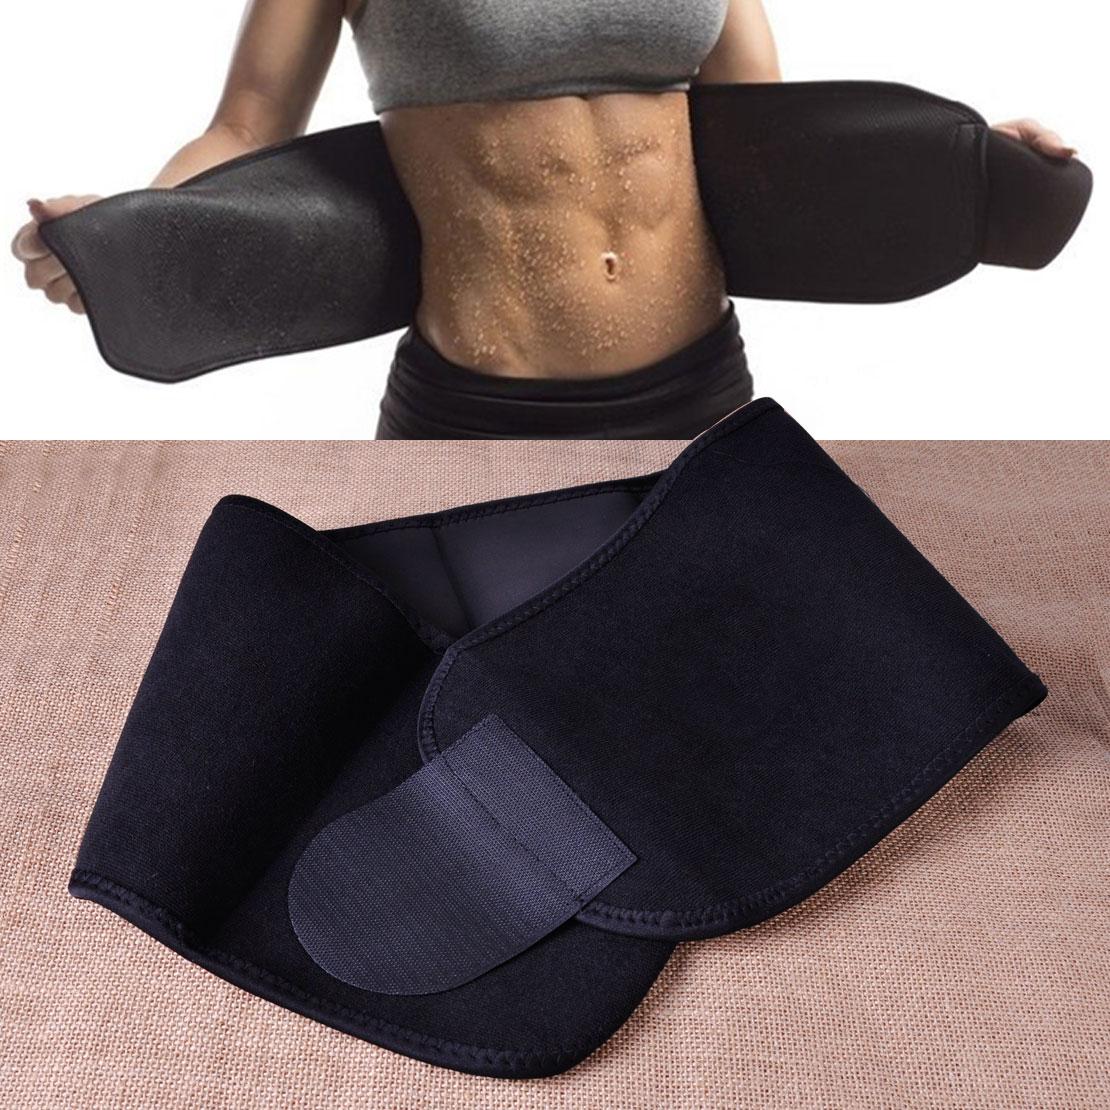 Neopren Karın Bel Karın Giyotin Zayıflama Kemeri Kadın Vücut Şekillendirici Ter Bandı Shapewear Bel Eğitmen Cincher Korse